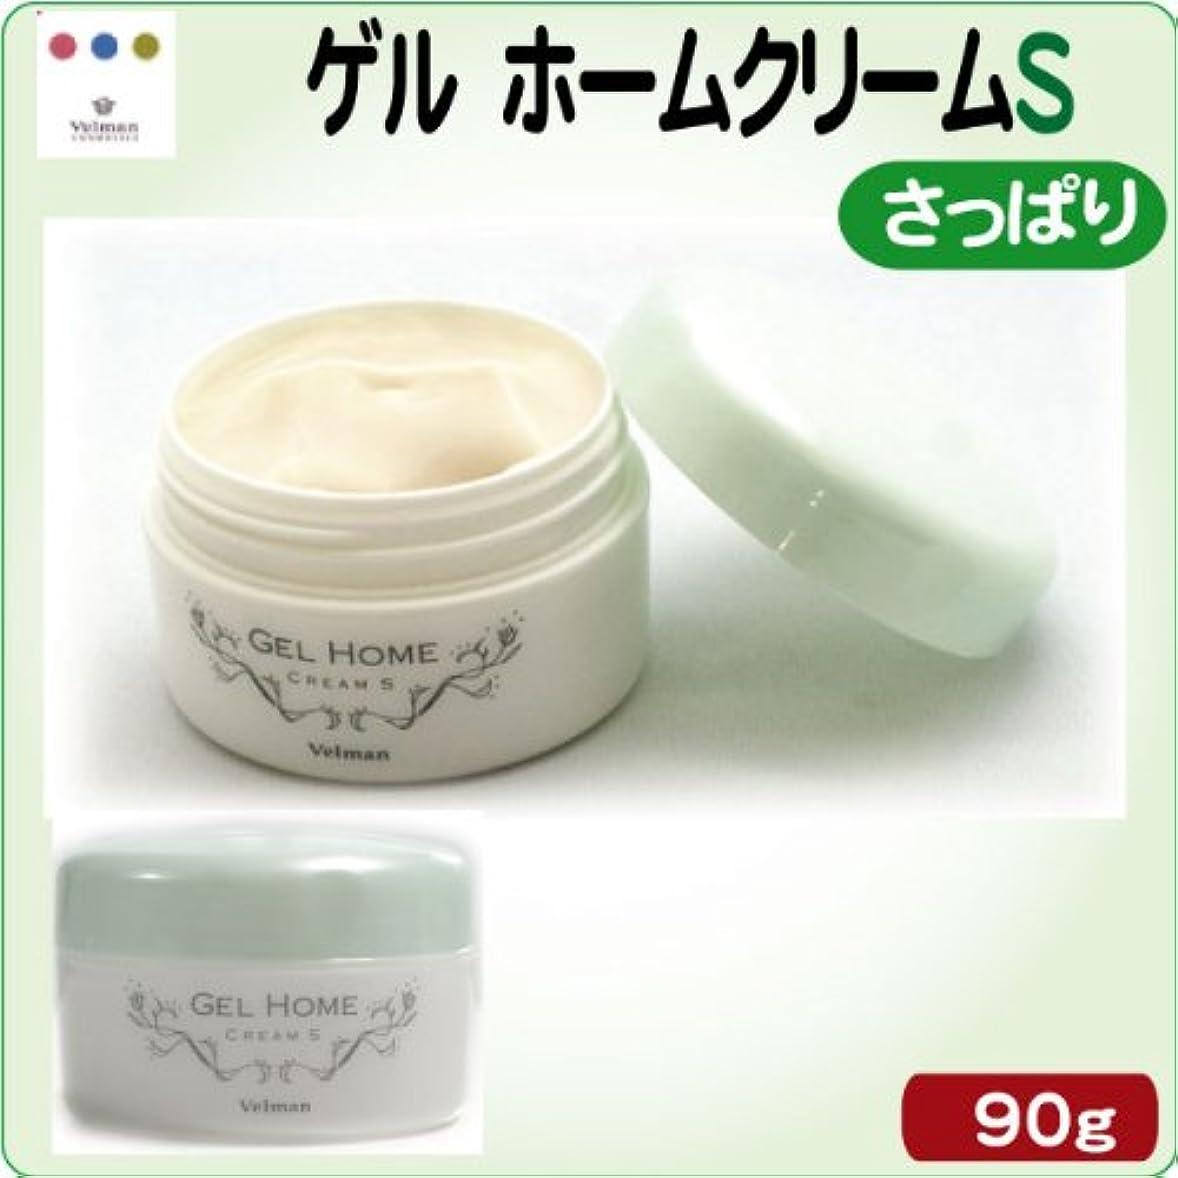 溶かす毛細血管成熟ベルマン化粧品 NONLOOSE ゲルホームクリームS 【さっぱりタイプ】 90g